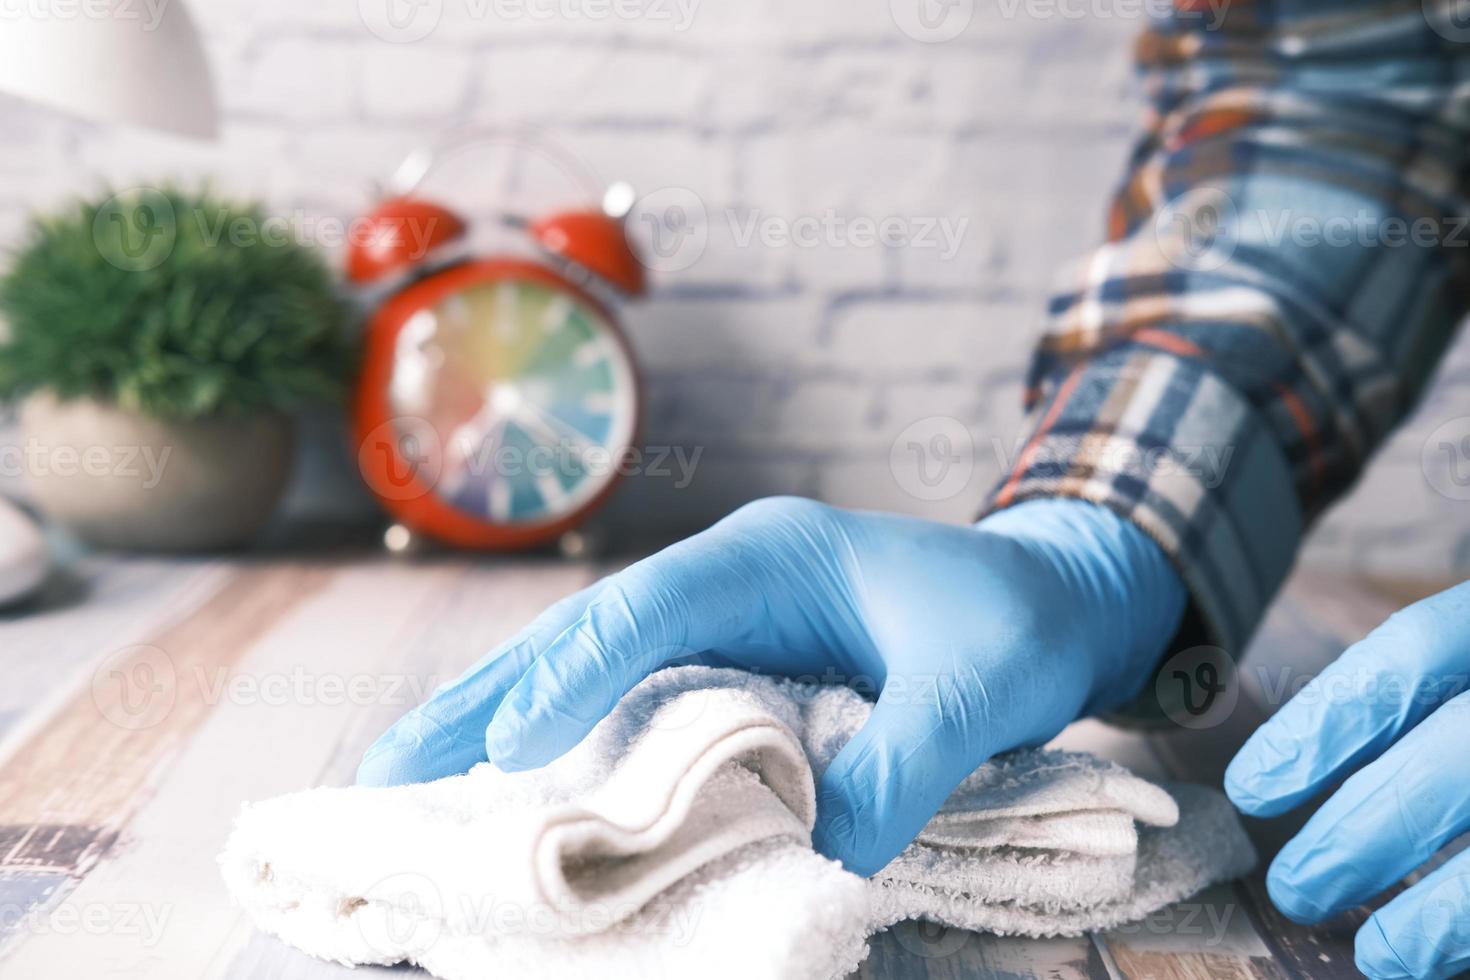 Person Hand in Einweghandschuhen mit Desinfektionsspray zur Reinigung der Tischoberfläche foto